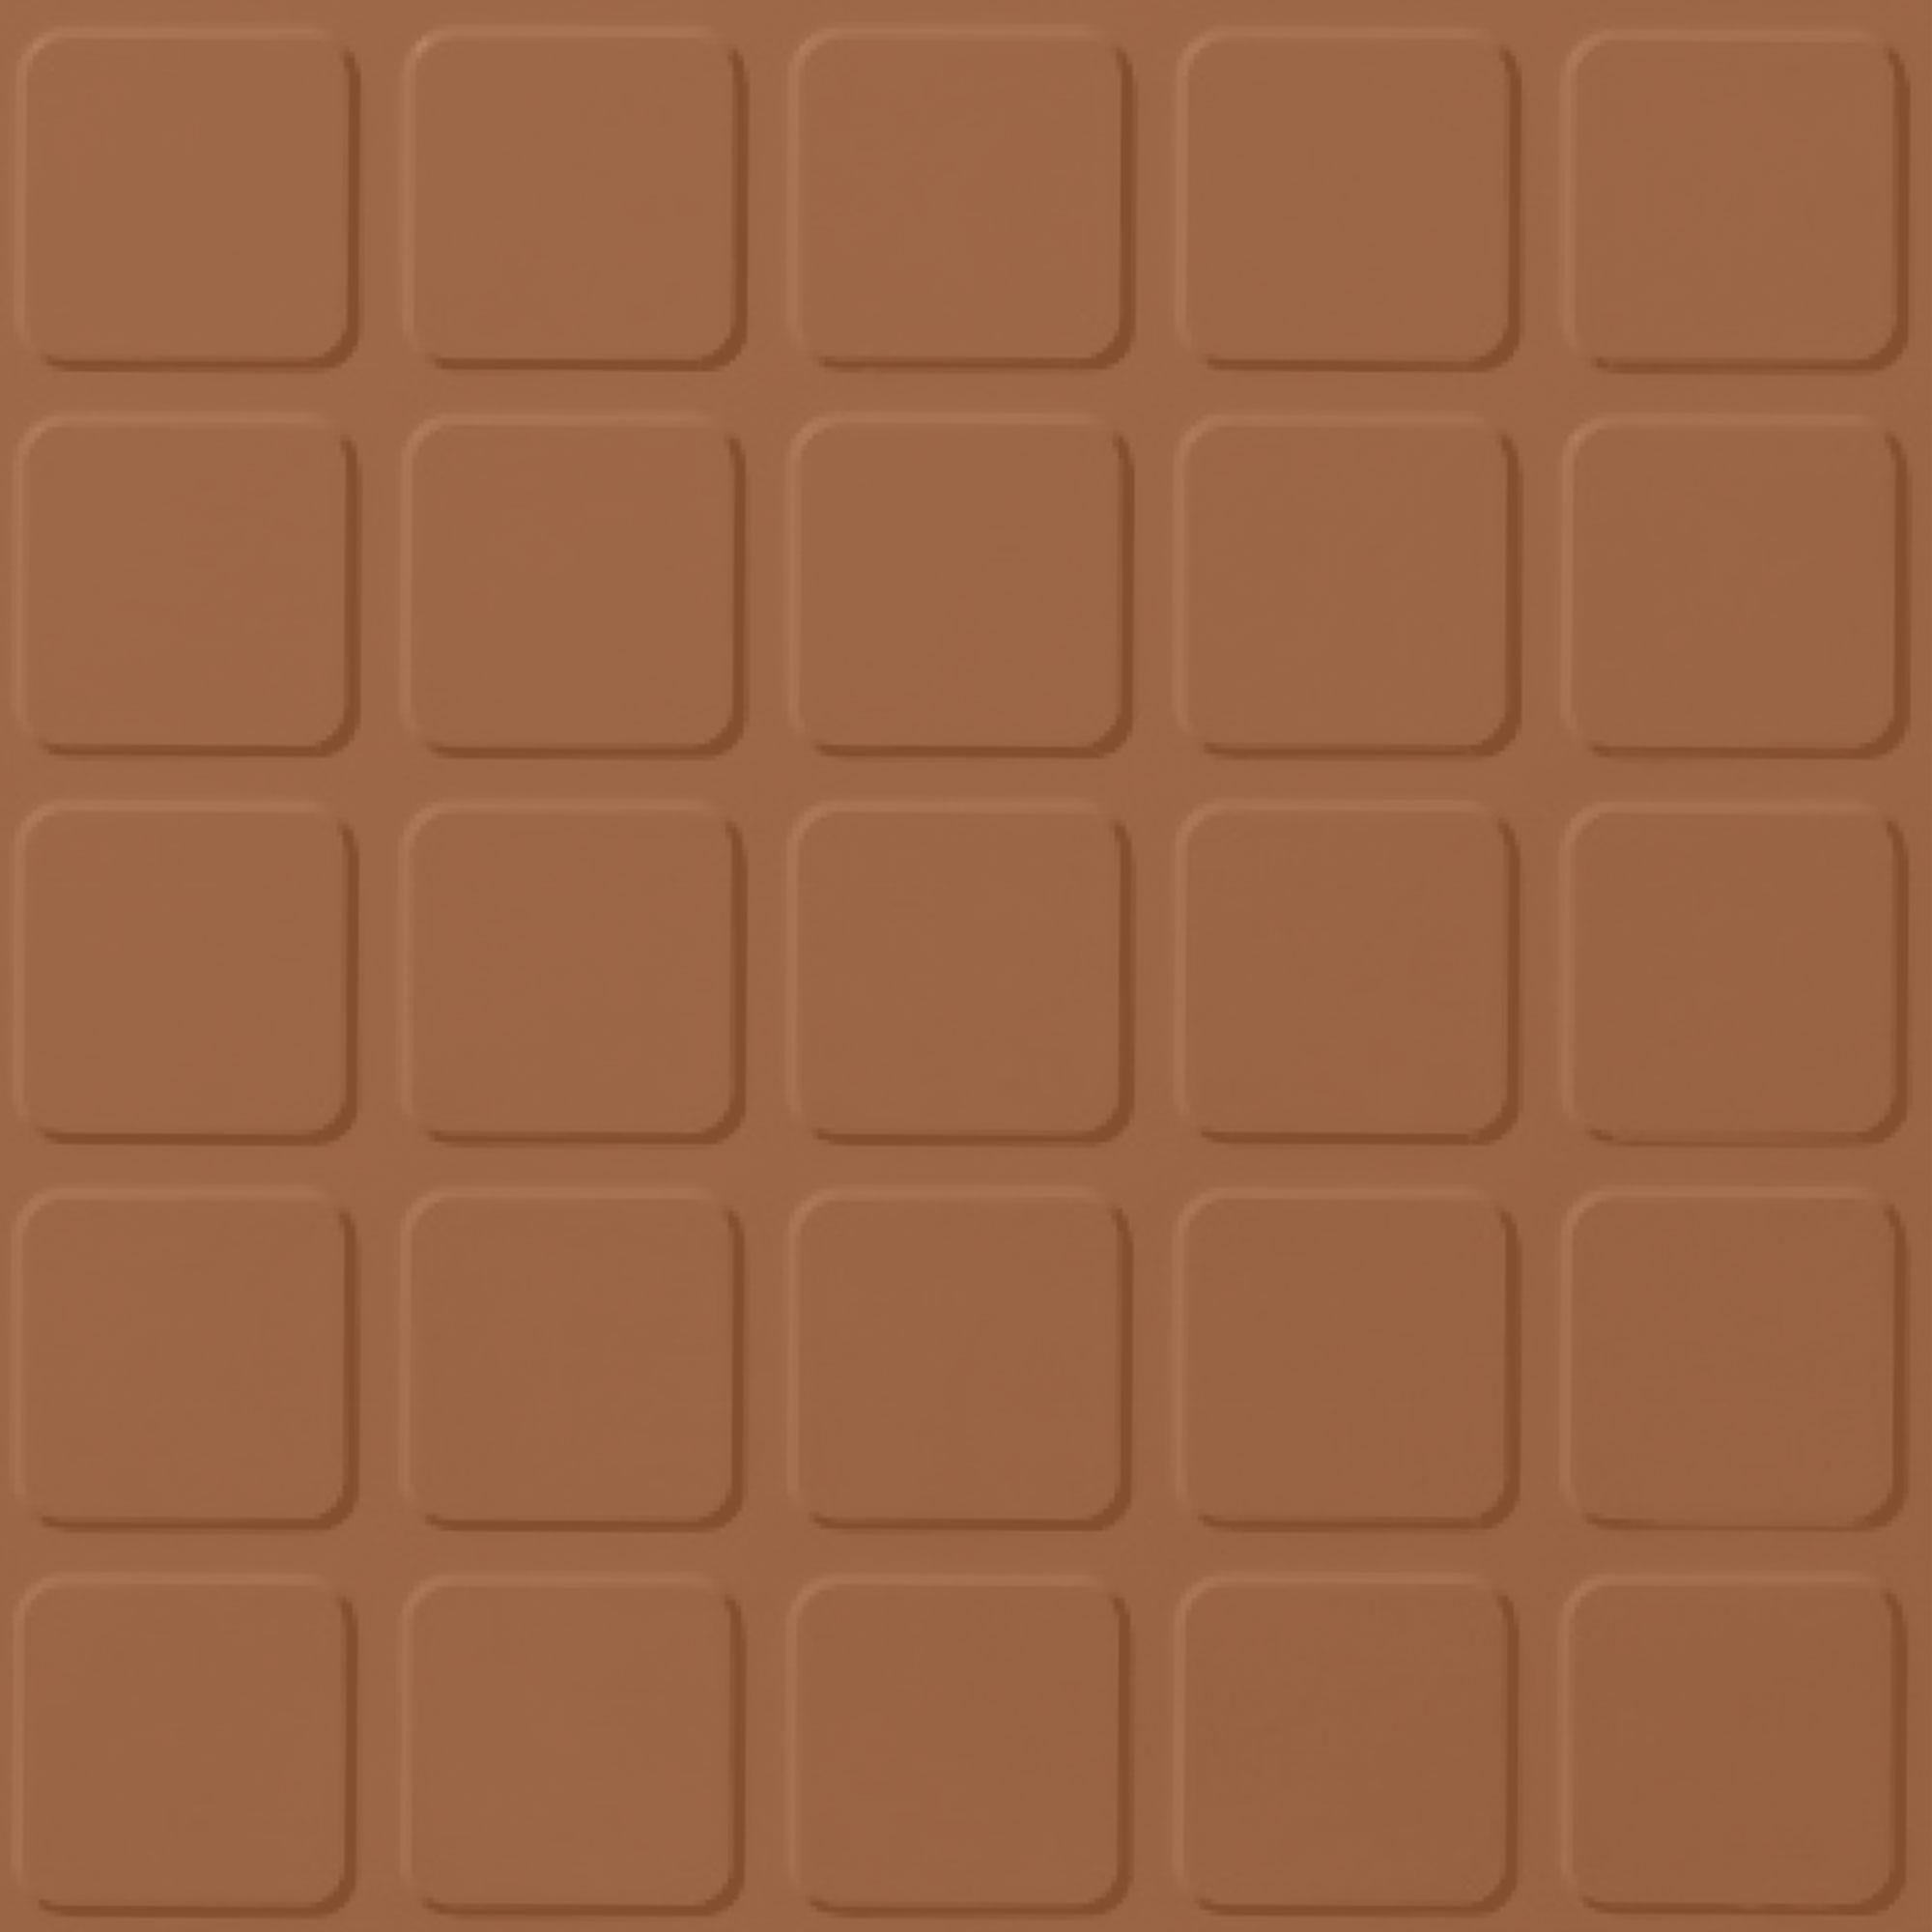 Roppe Rubber Tile 900 - Raised Square Design (994) Terracotta Rubber Flooring